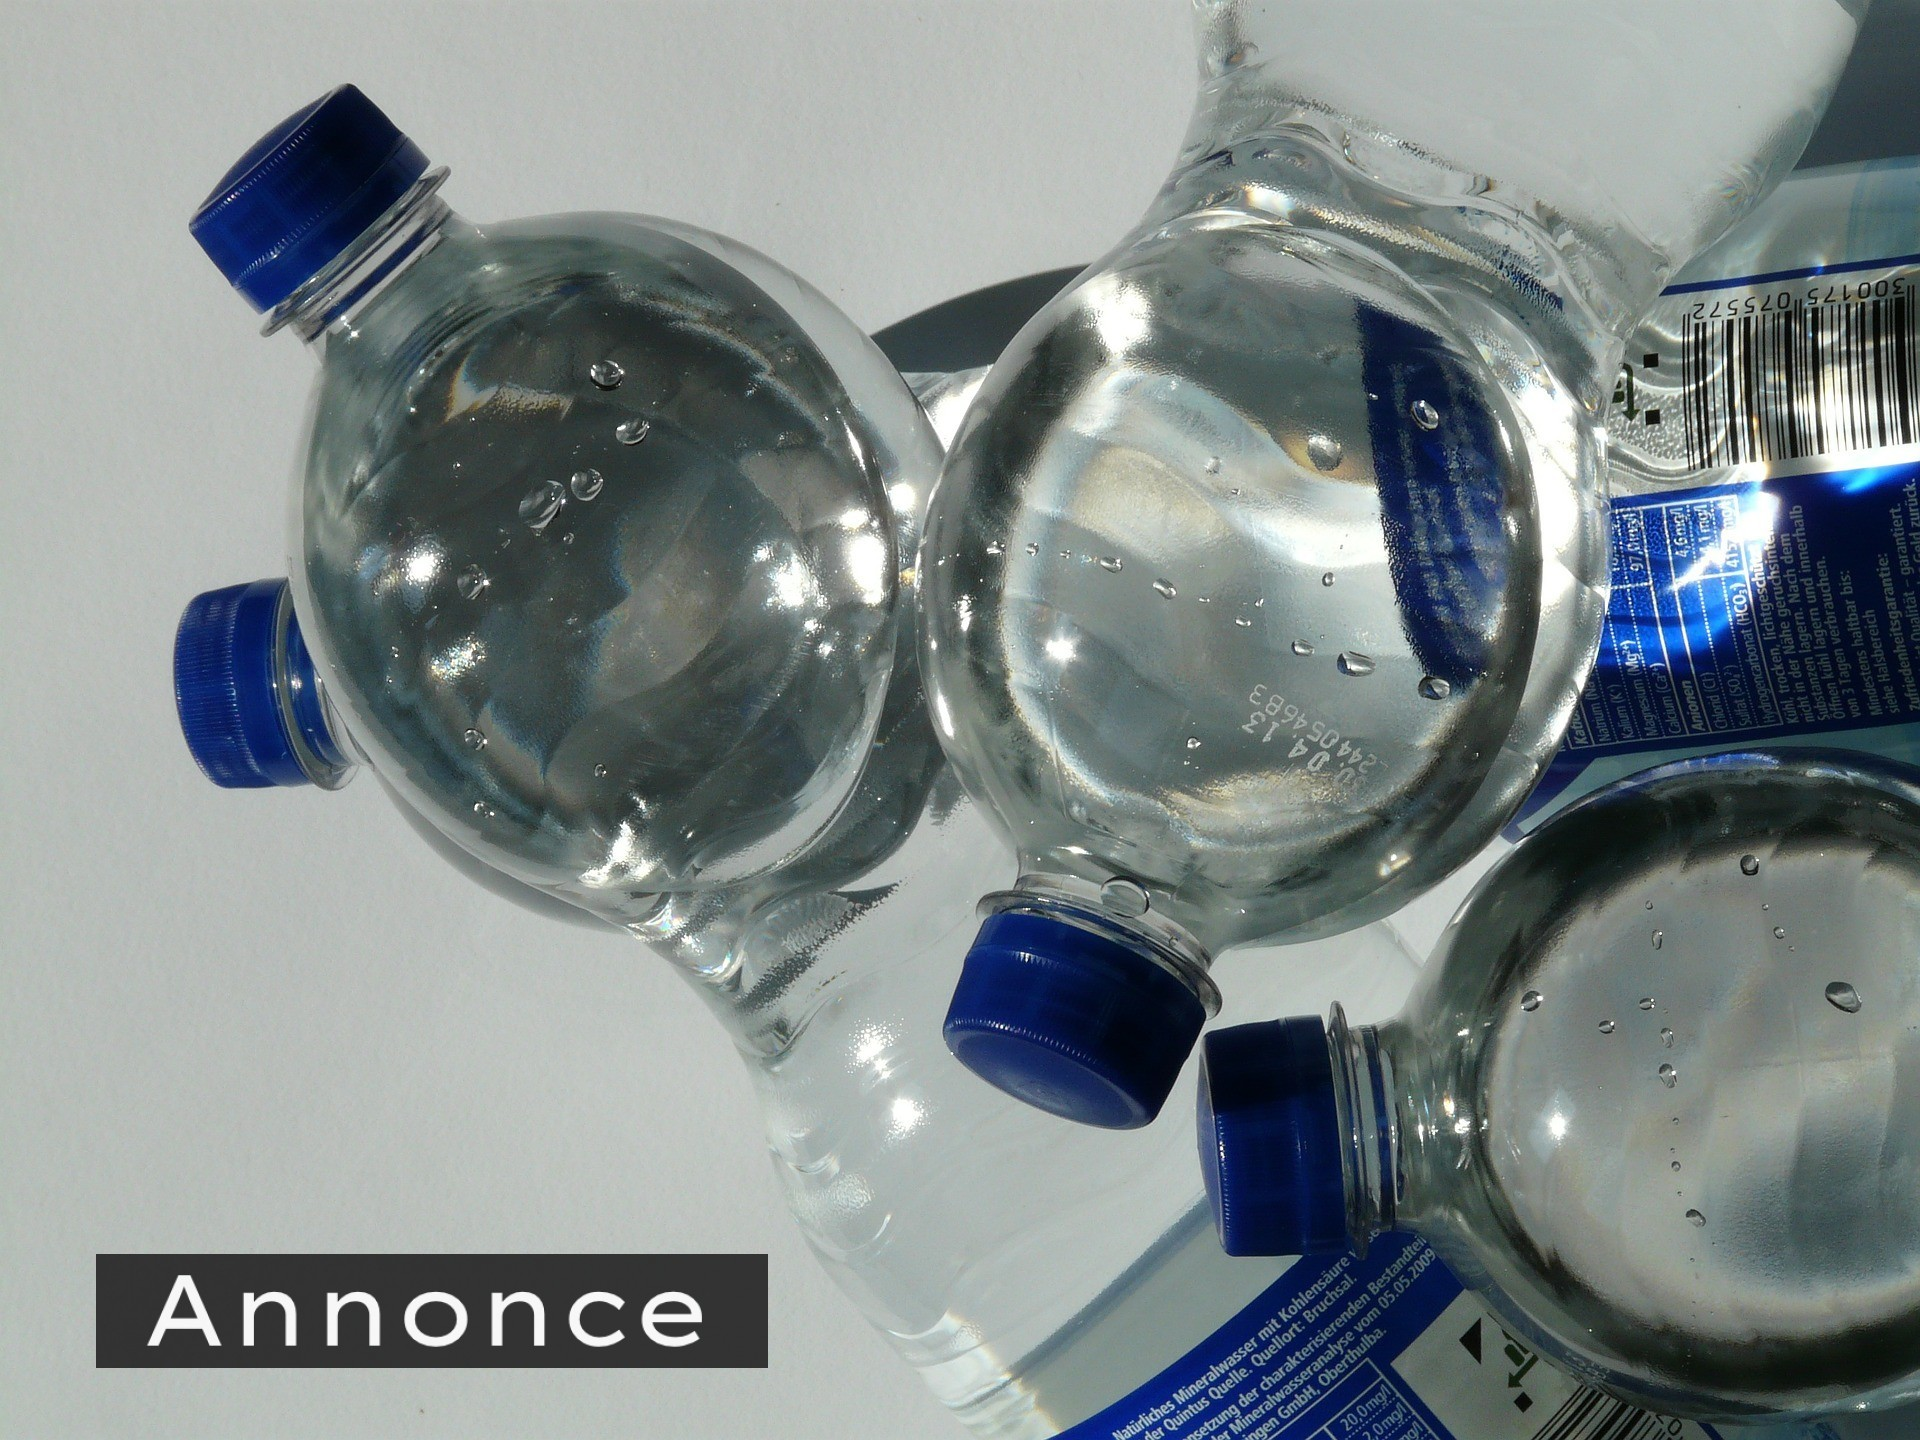 Hormonforstyrrende stoffer og forkert opbevaring af mad i plasticbøtter